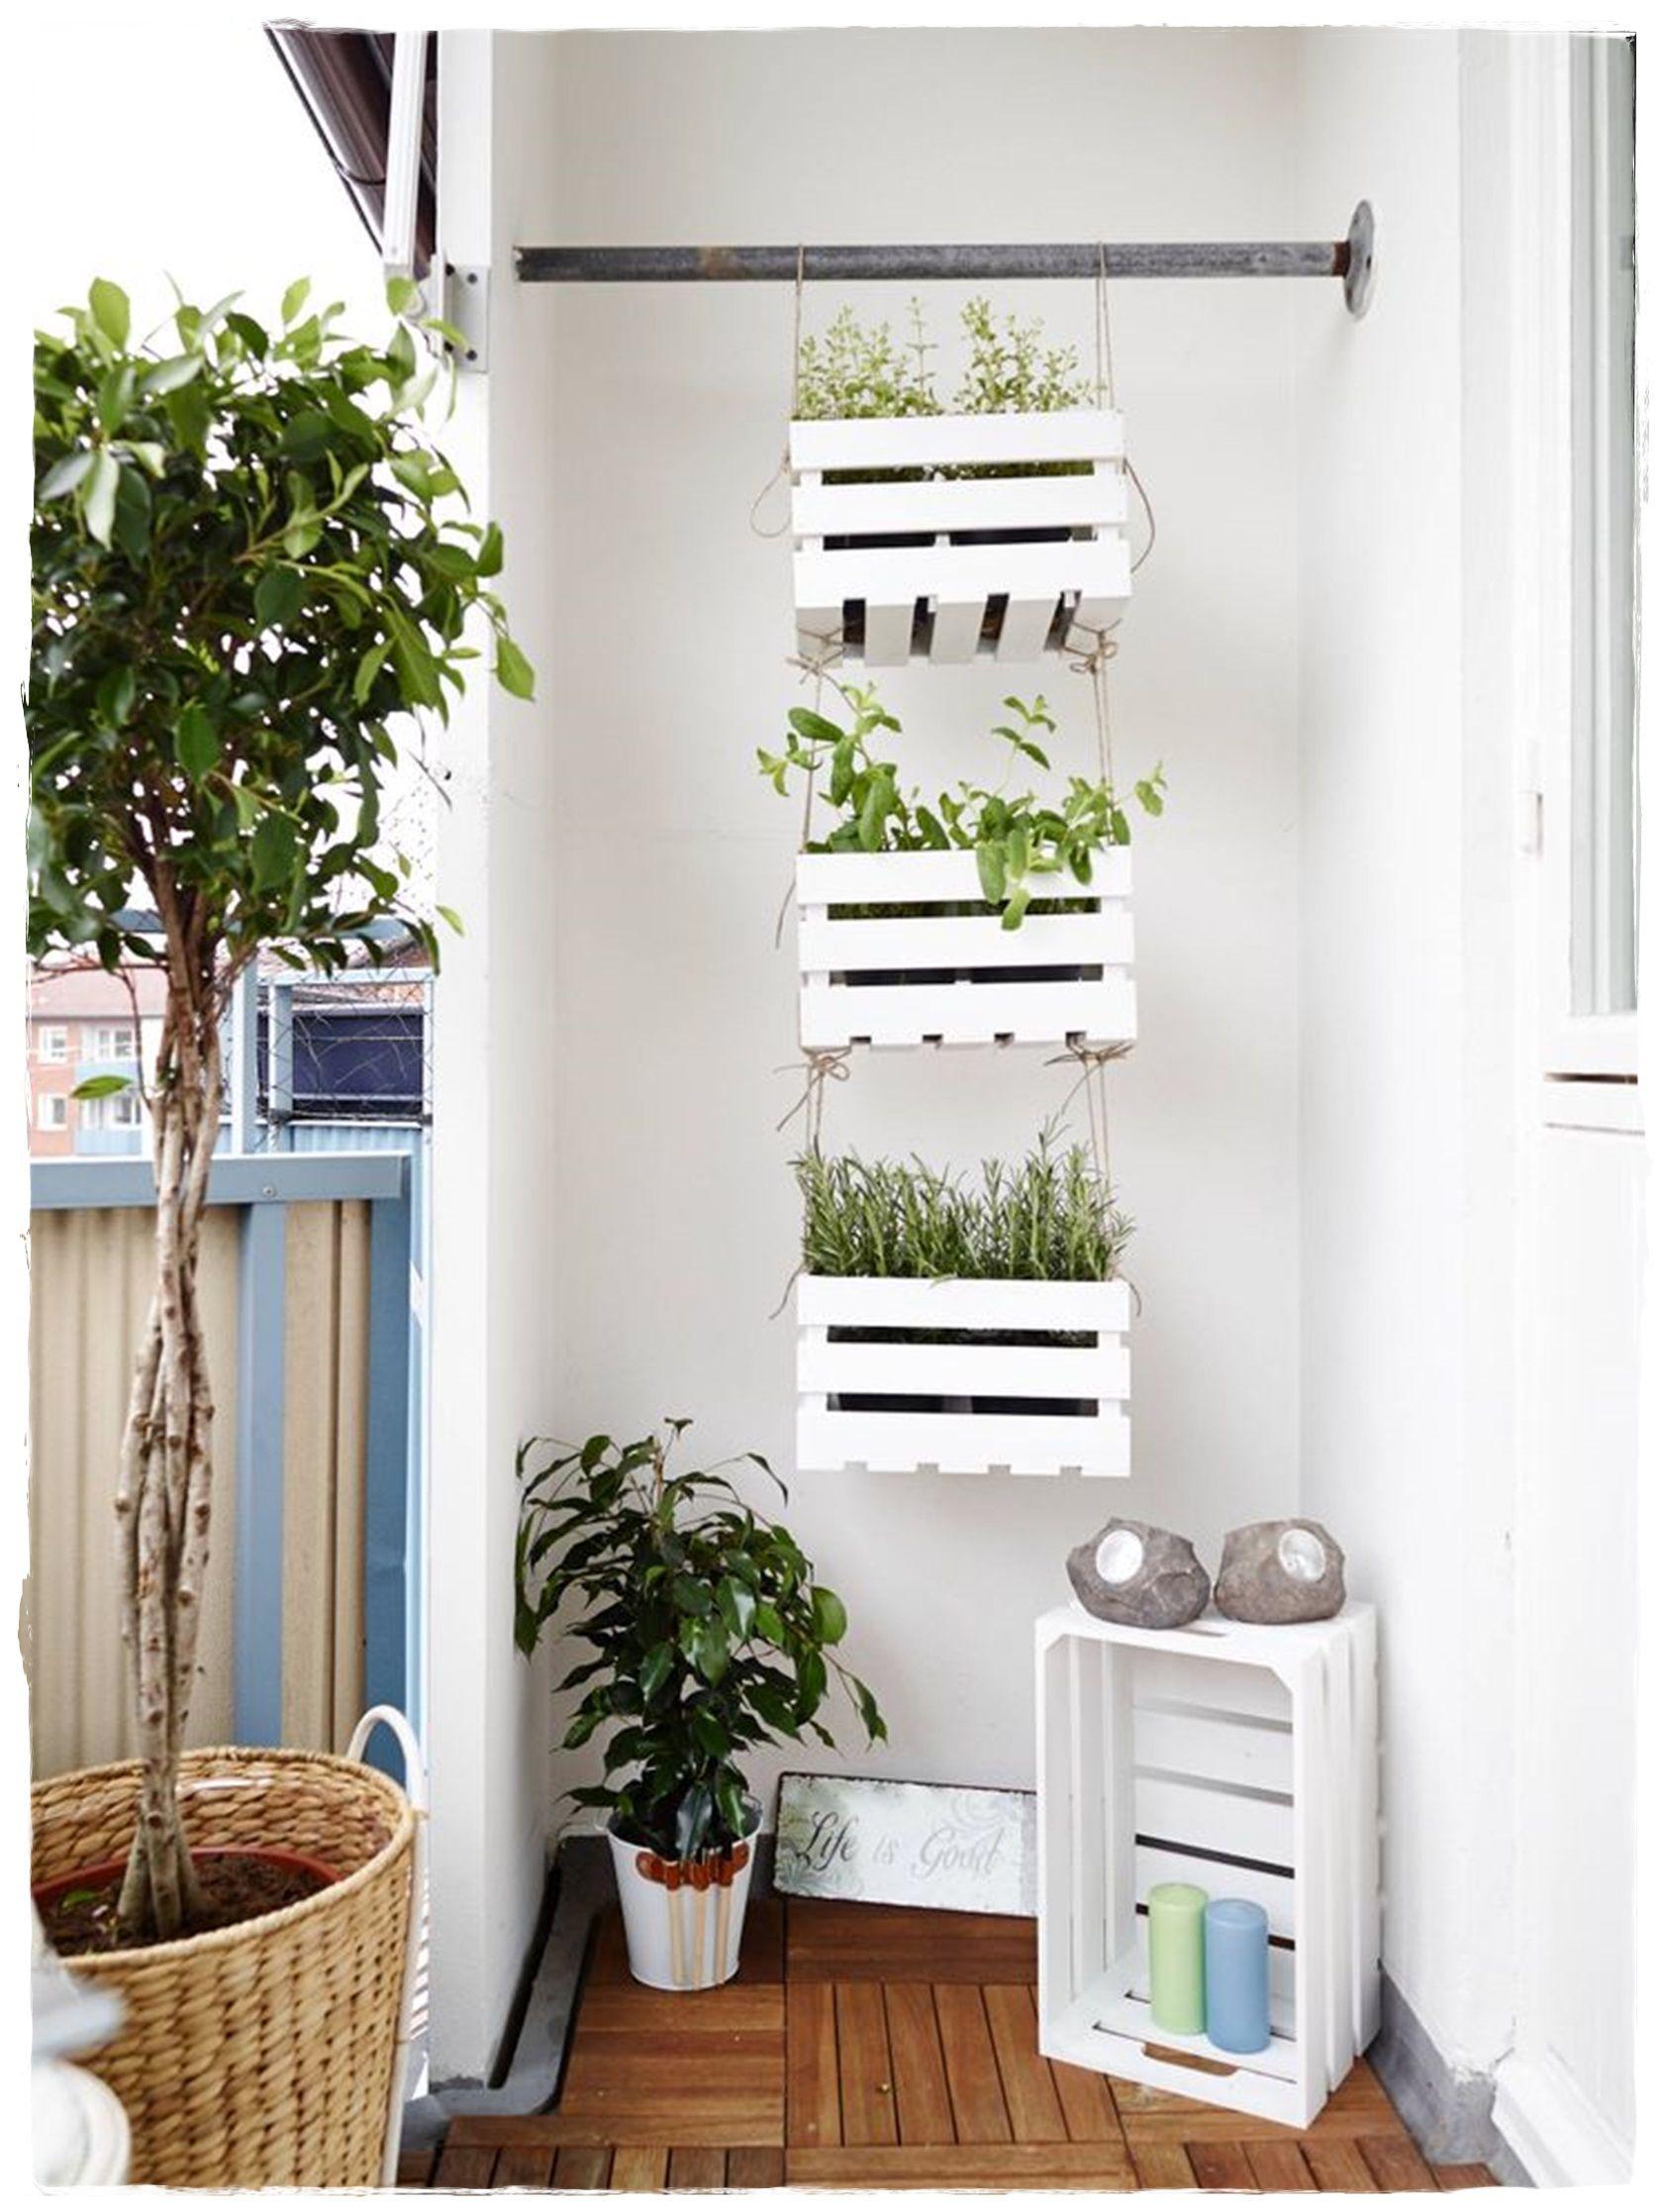 Cajas madera decoraci n jardineras plantas cajas for Decoracion departamentos pequenos vintage